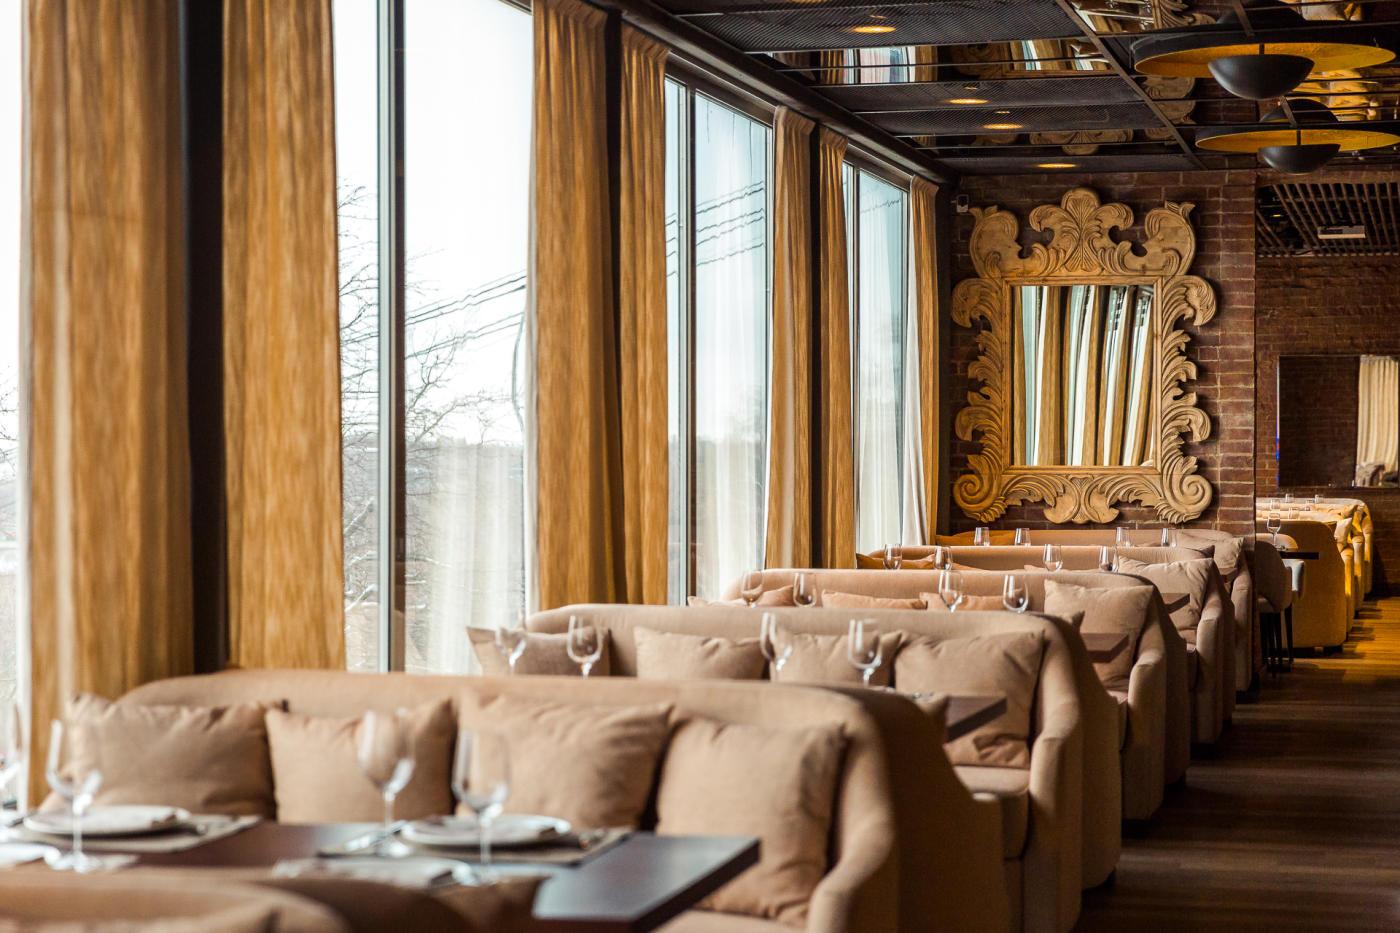 Панорамный Ресторан Трамплин на Воробьевых Горах фото 5